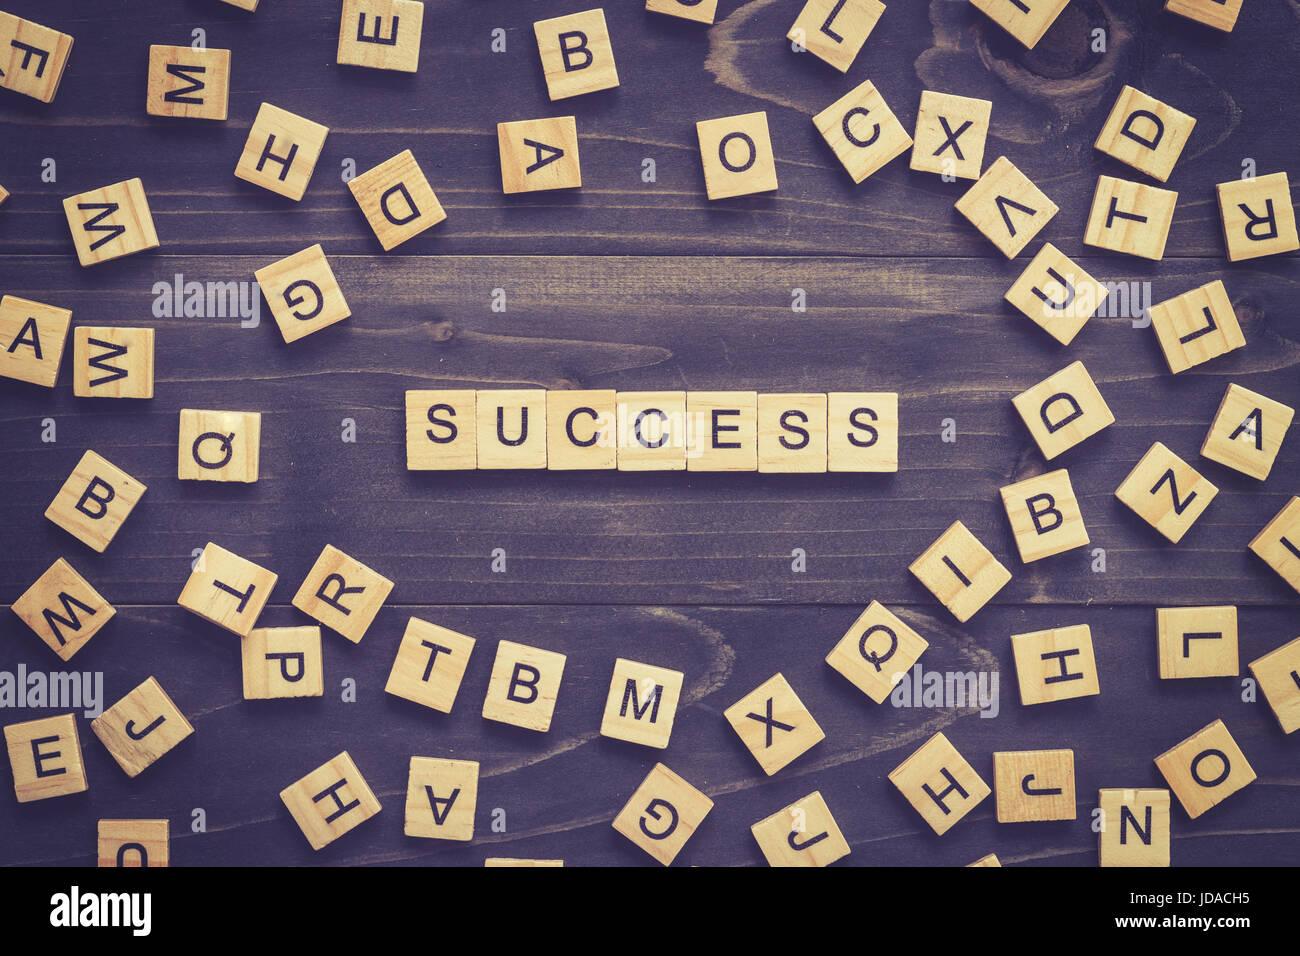 Mot succès sur table en bois pour concept d'entreprise. Photo Stock